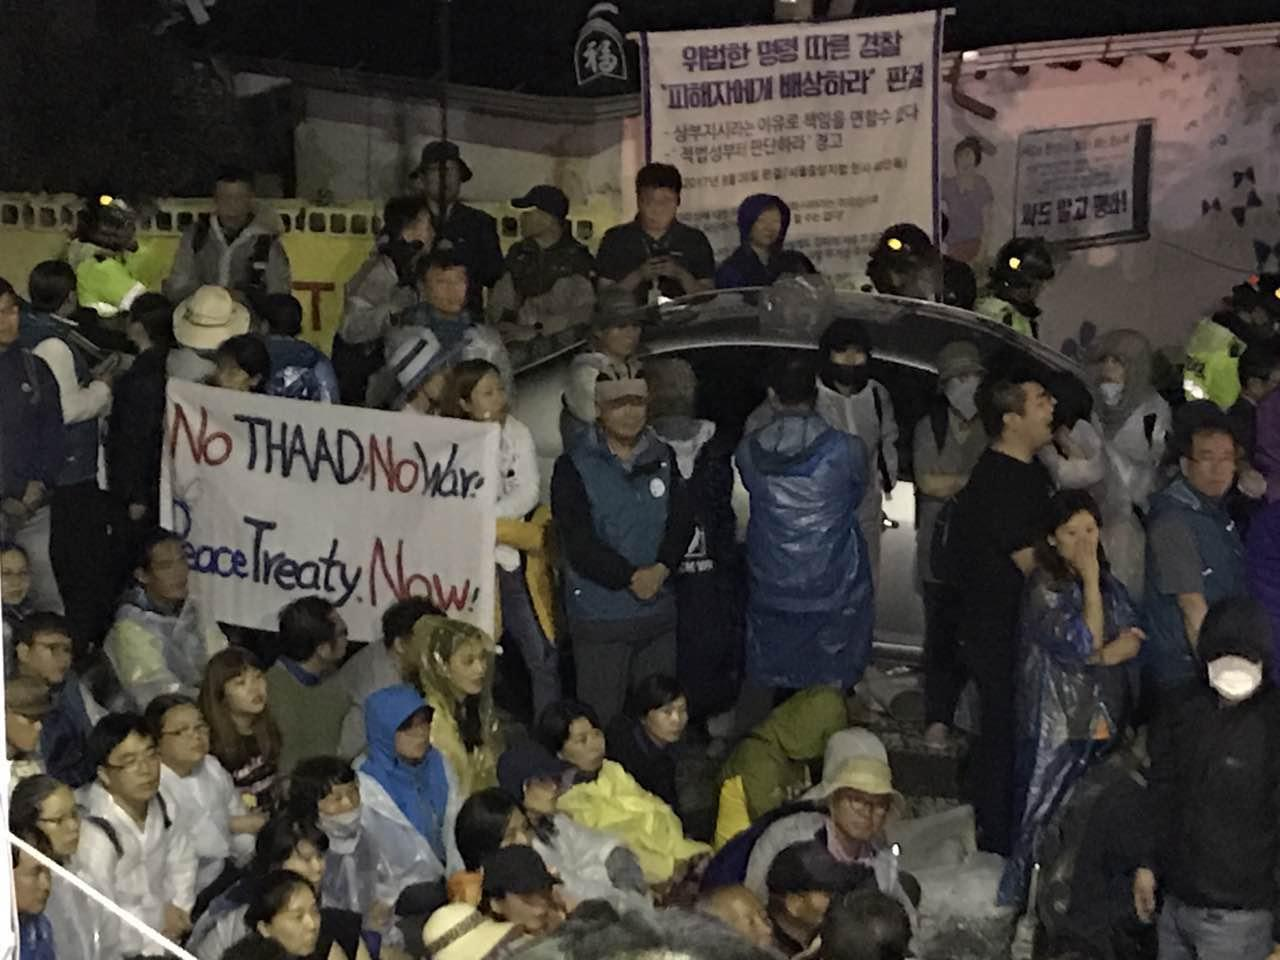 导弹--激烈冲突!不顾民众彻夜抗议,萨德还是部署完成了